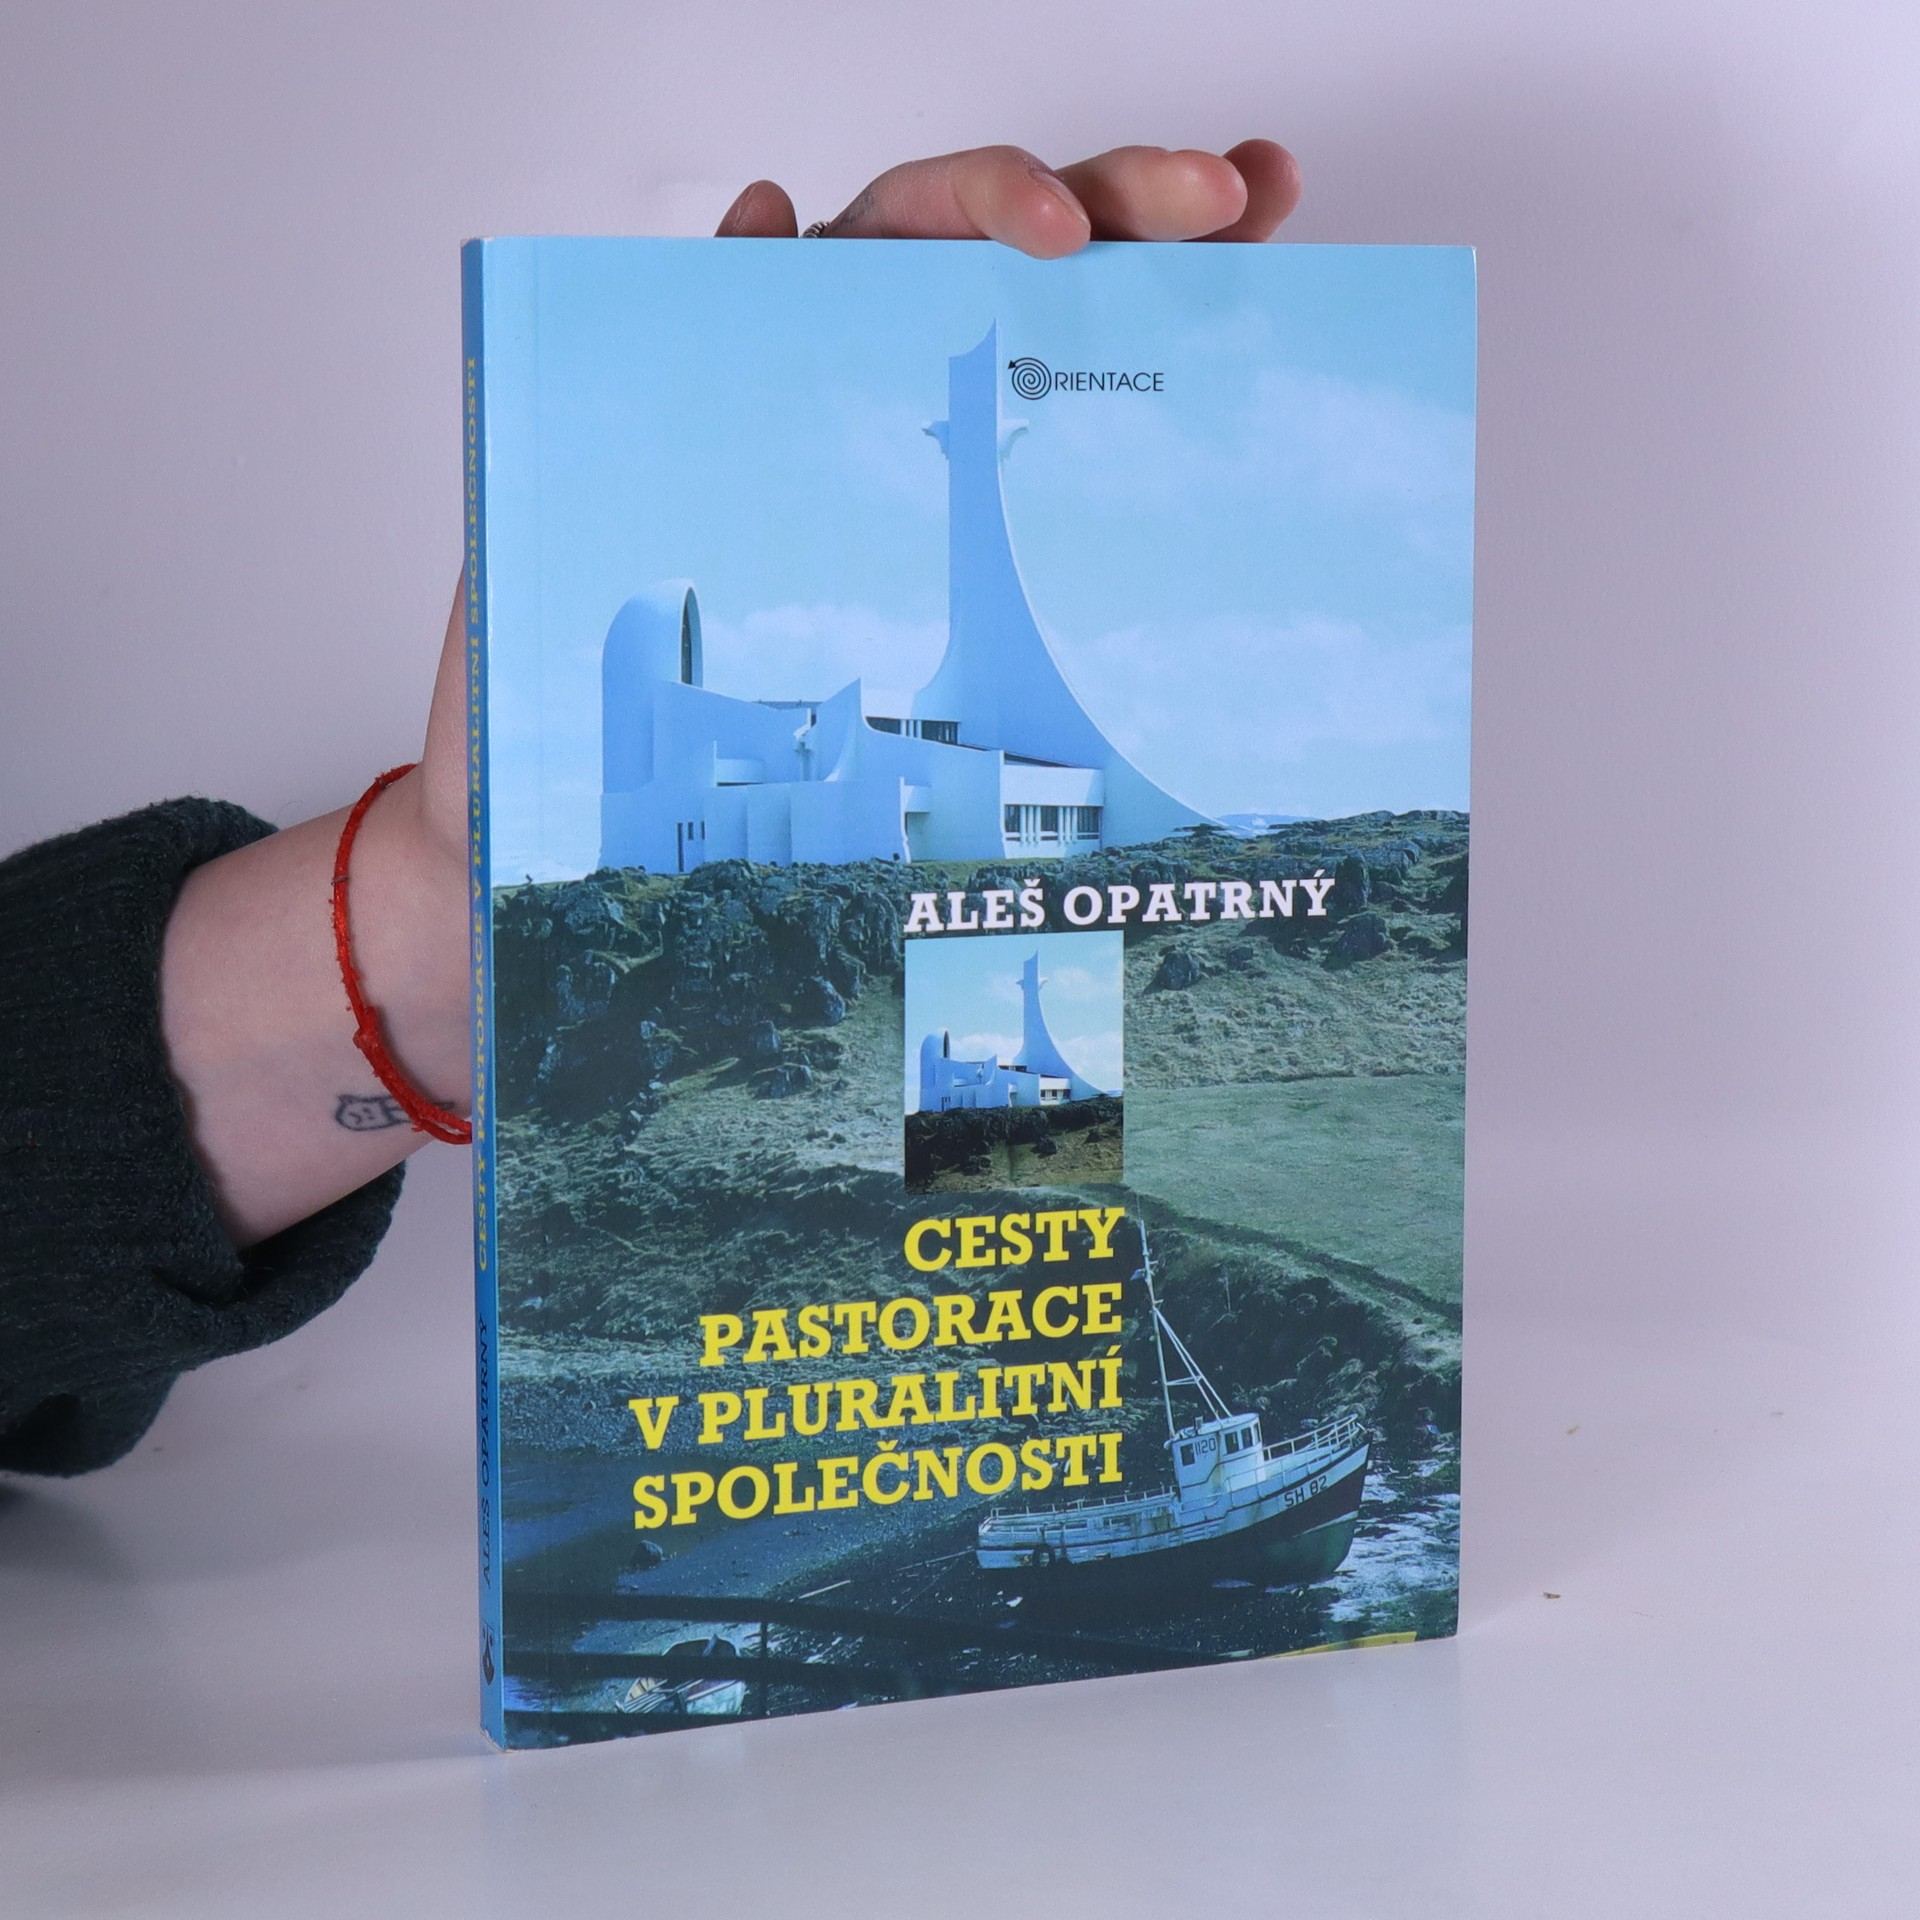 antikvární kniha Cesty pastorace v pluralitní společnosti, 2006